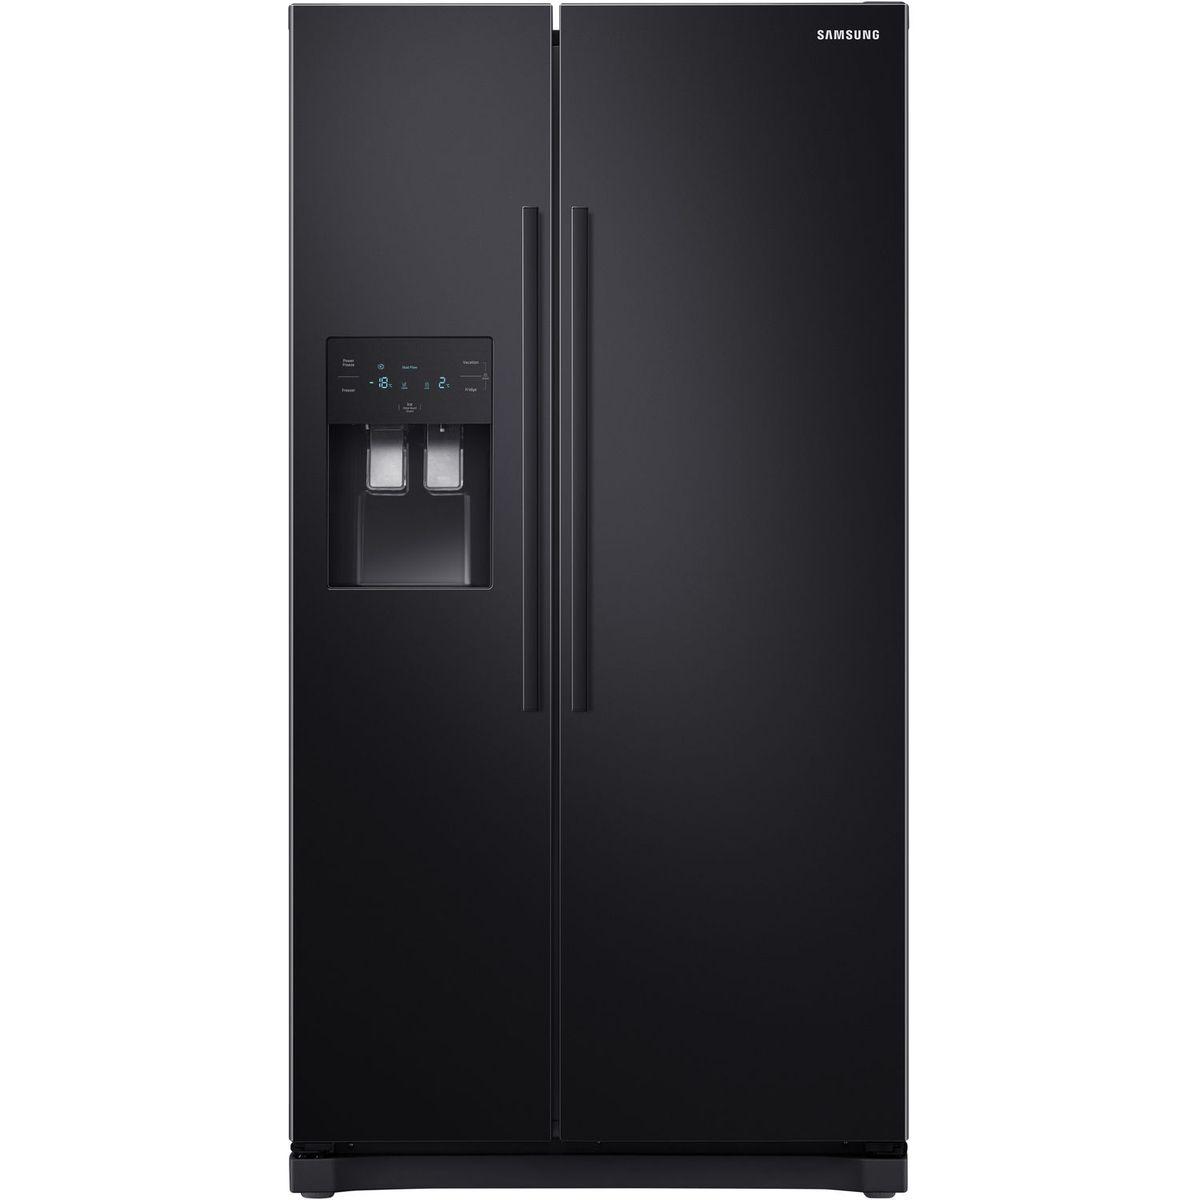 Réfrigérateur américain RS50N3503BC, 501 L, Froid ventilé intégral